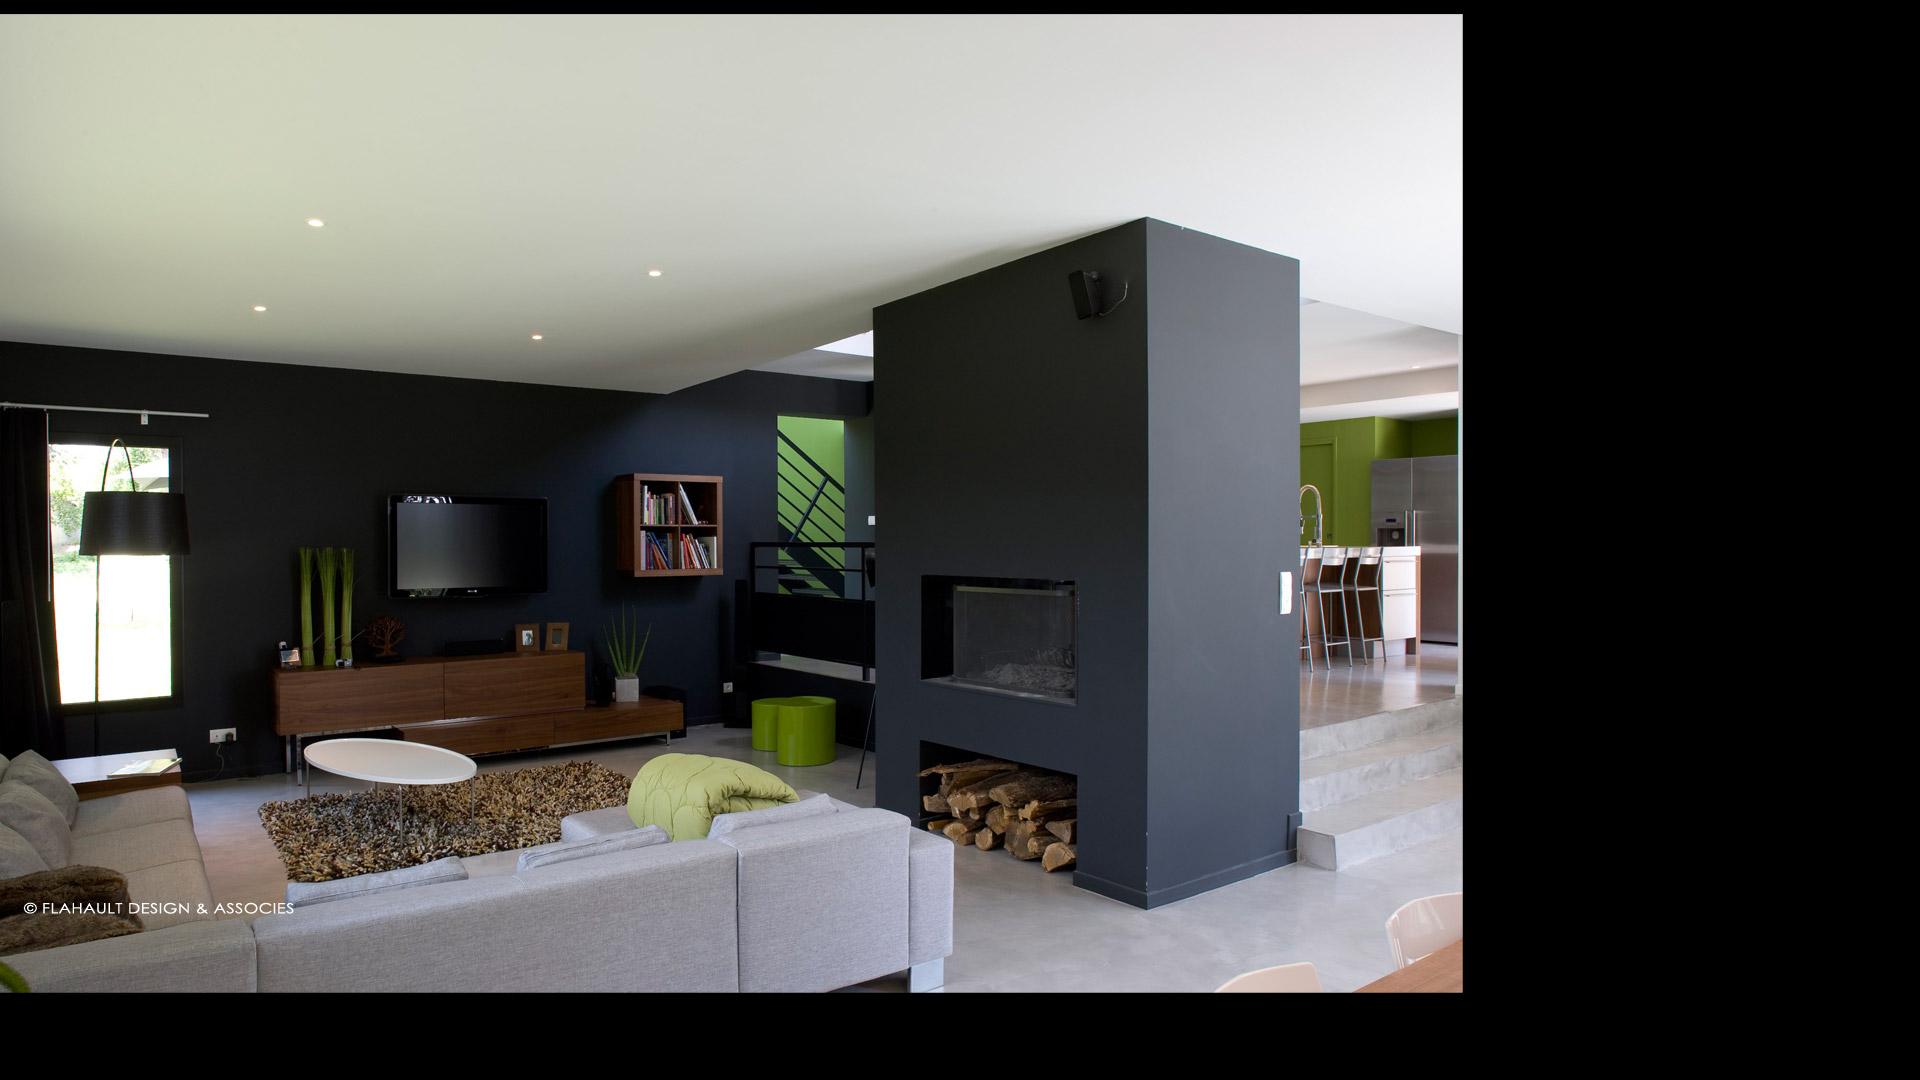 flahault chenet design architecturemaison r 1 flahault chenet design architecture. Black Bedroom Furniture Sets. Home Design Ideas